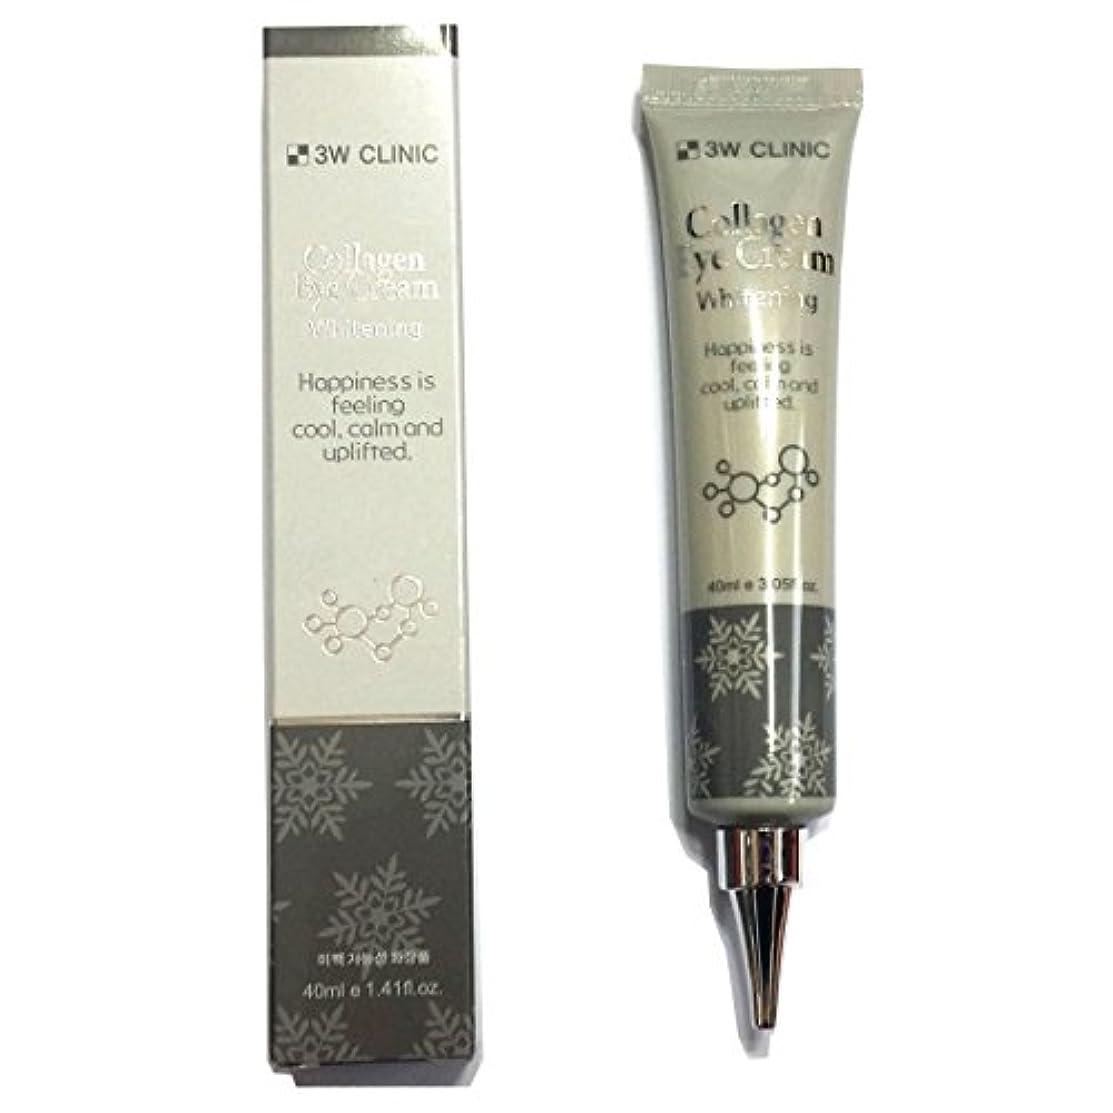 野な所有者馬鹿[3W CLINIC] コラーゲンアイクリームホワイトニング40ml X 1ea / Collagen Eye Cream Whitening 40ml X 1ea / しっとりしっとり / Anti wrinkles,...